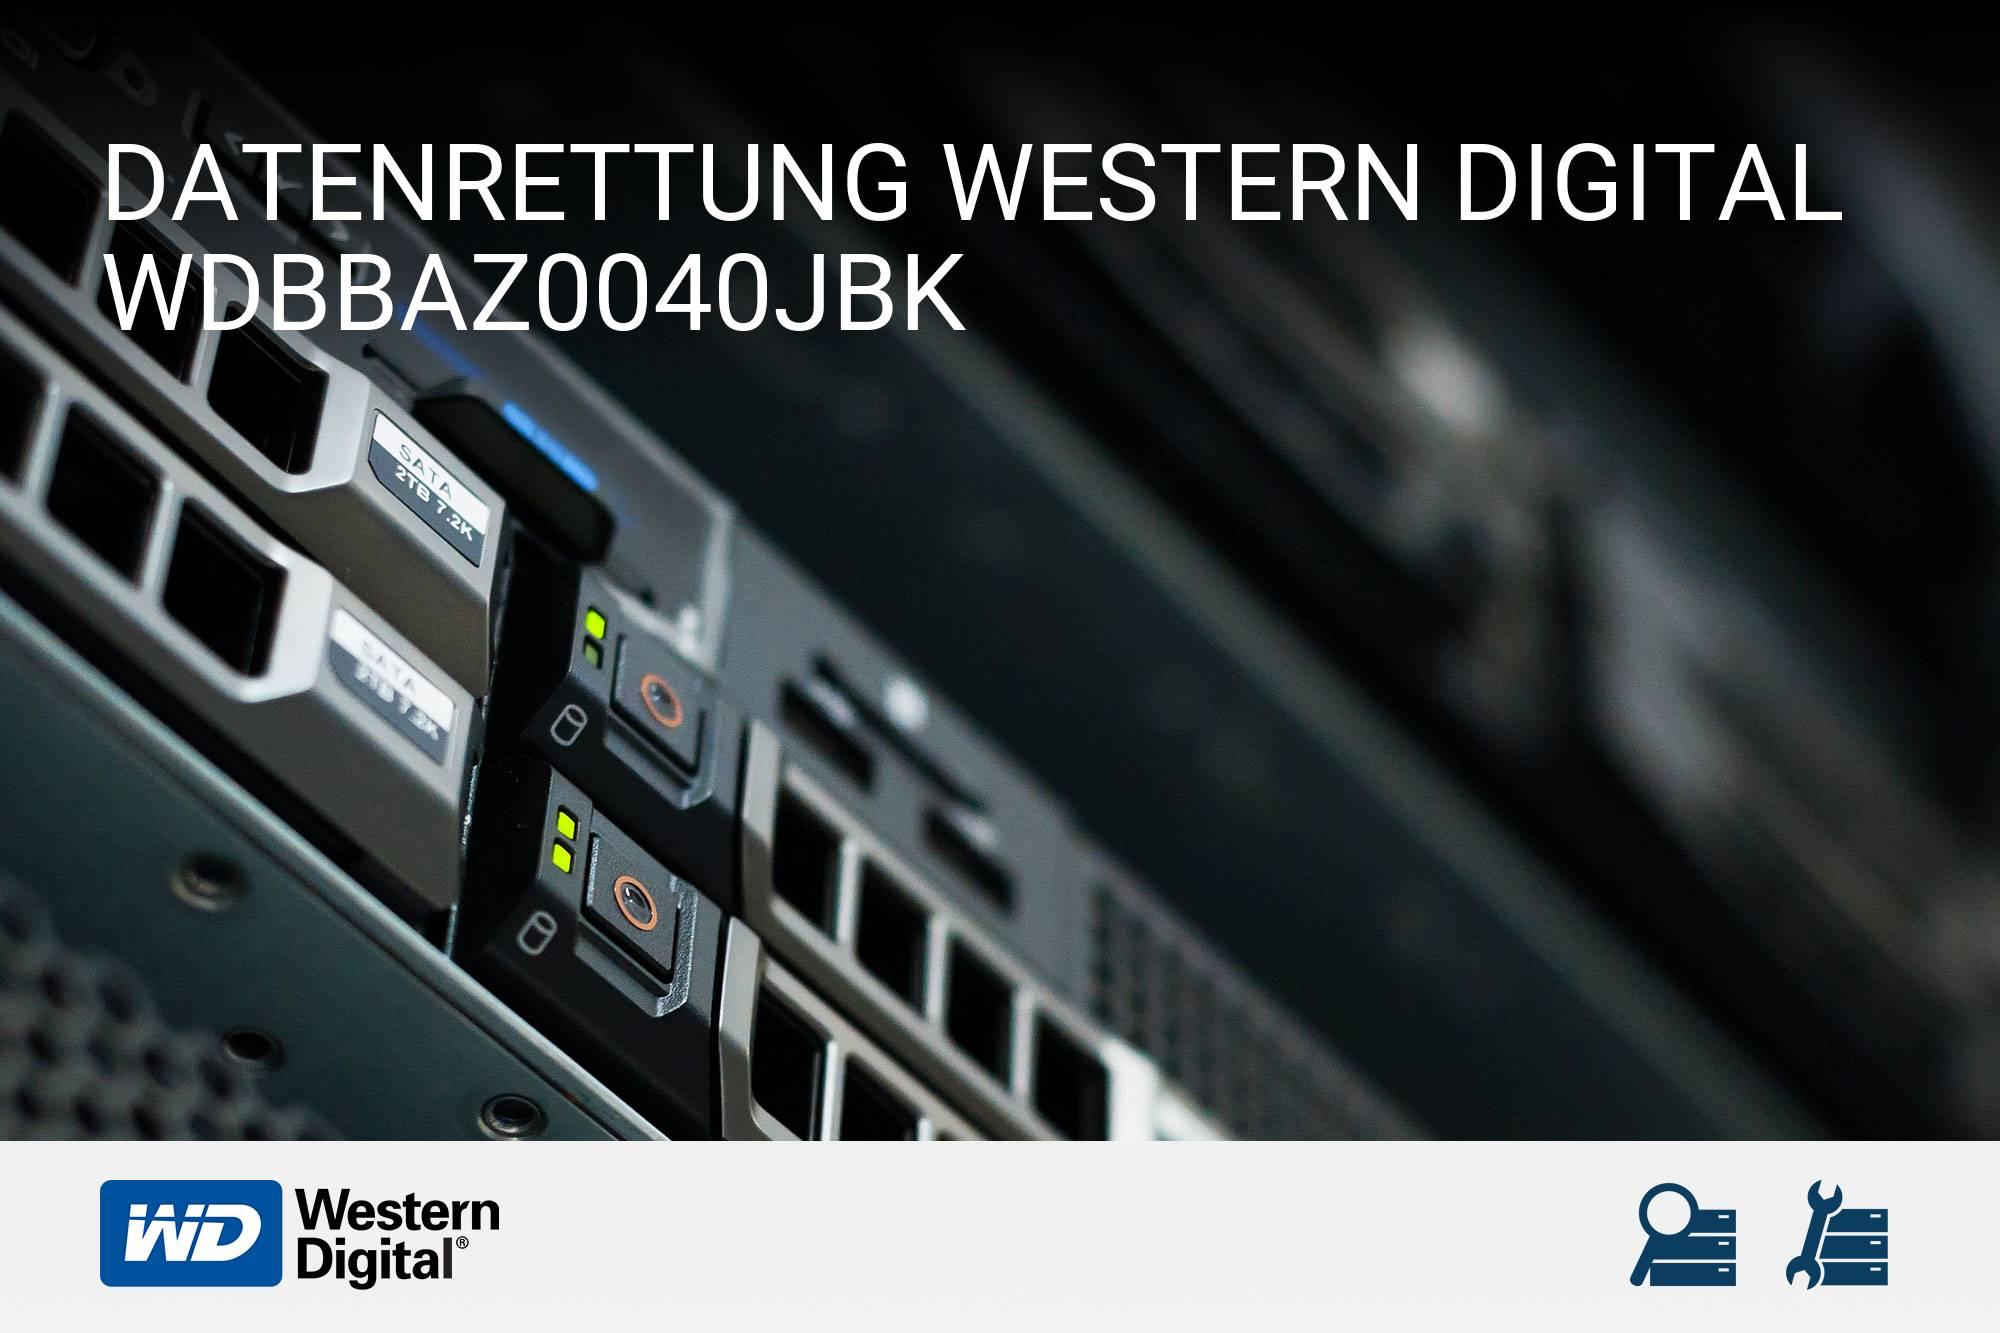 Western Digital WDBBAZ0040JBK